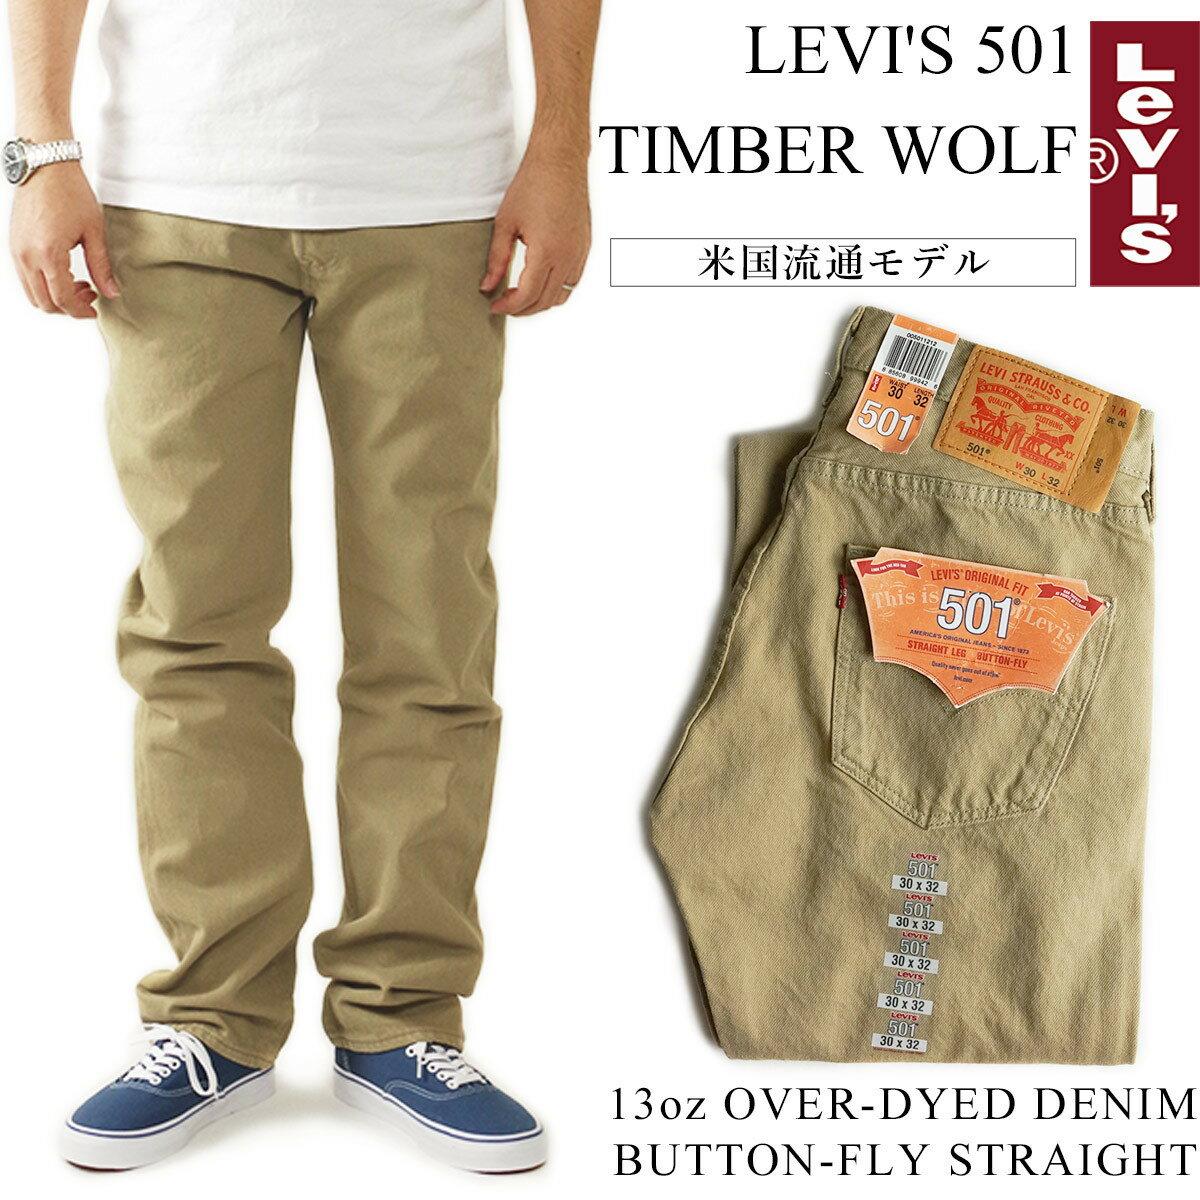 メンズファッション, ズボン・パンツ  LEVIS 501-1212 501 USA TIMBER WOLF 13oz 29-44 29-36